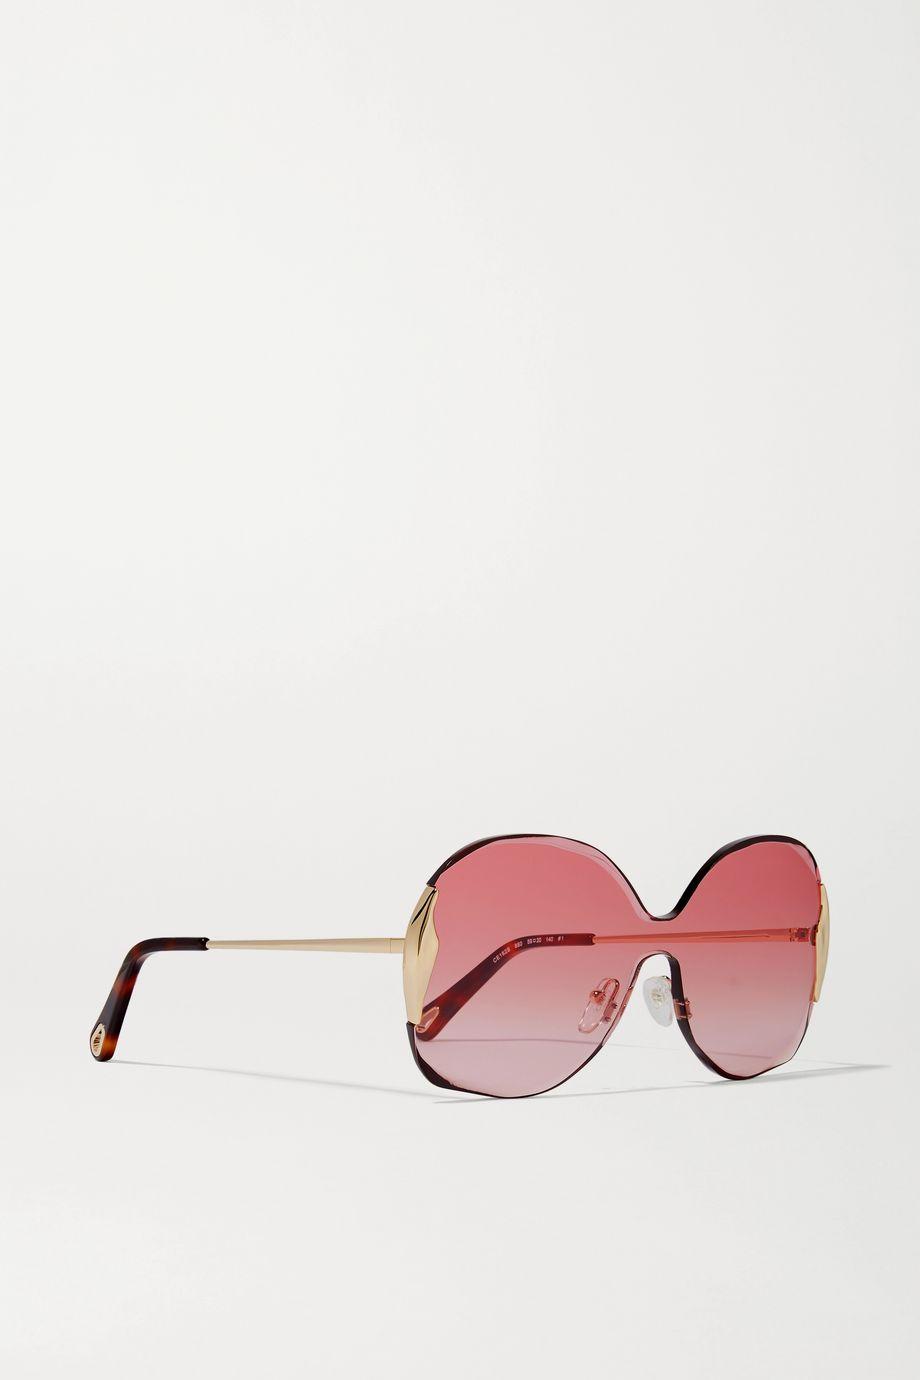 Chloé Goldfarbene Sonnenbrille mit eckigem Rahmen und Details aus Azetat in Hornoptik